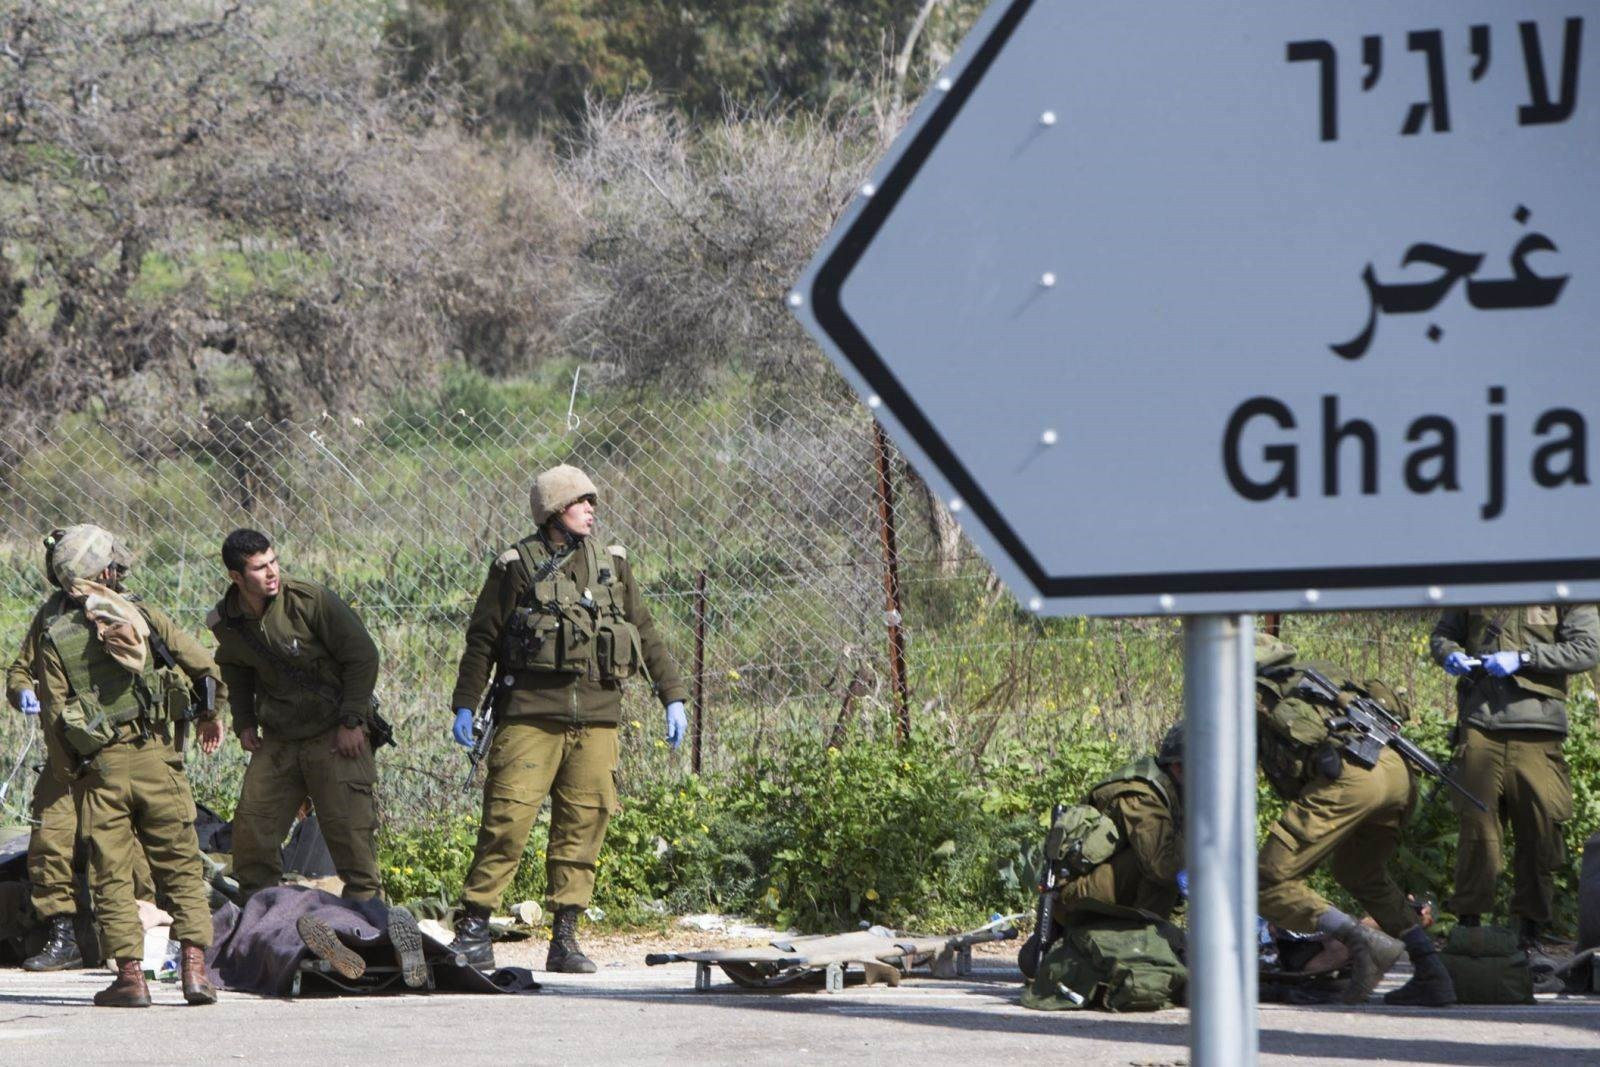 آخر تحقيق إسرائيلي:  خسائرنا في جنوب لبنان أعلى بكثير